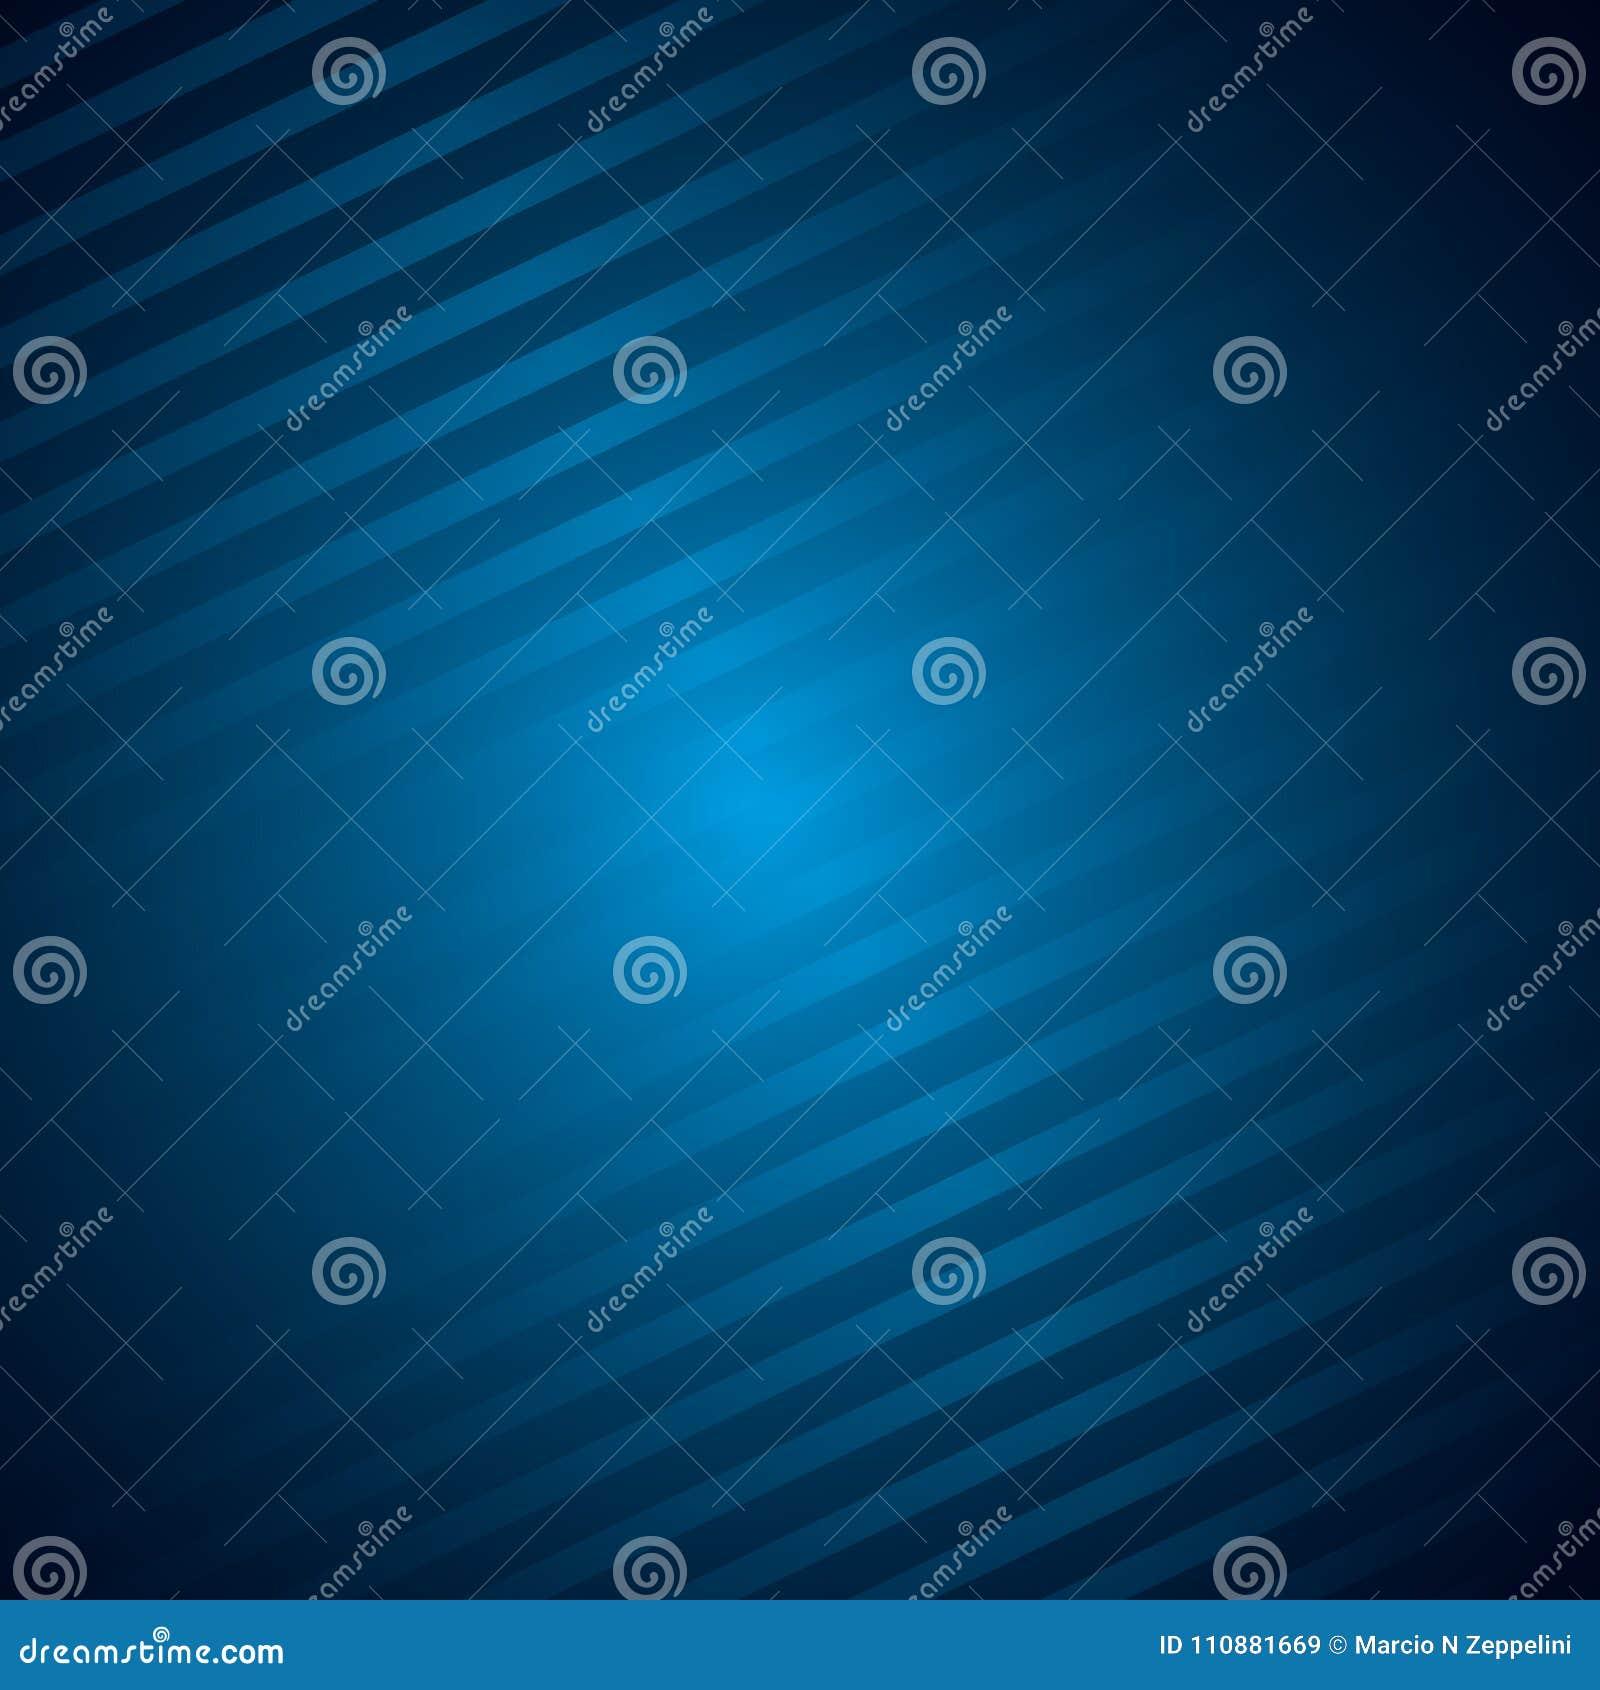 Fond métallique bleu-foncé avec des lignes